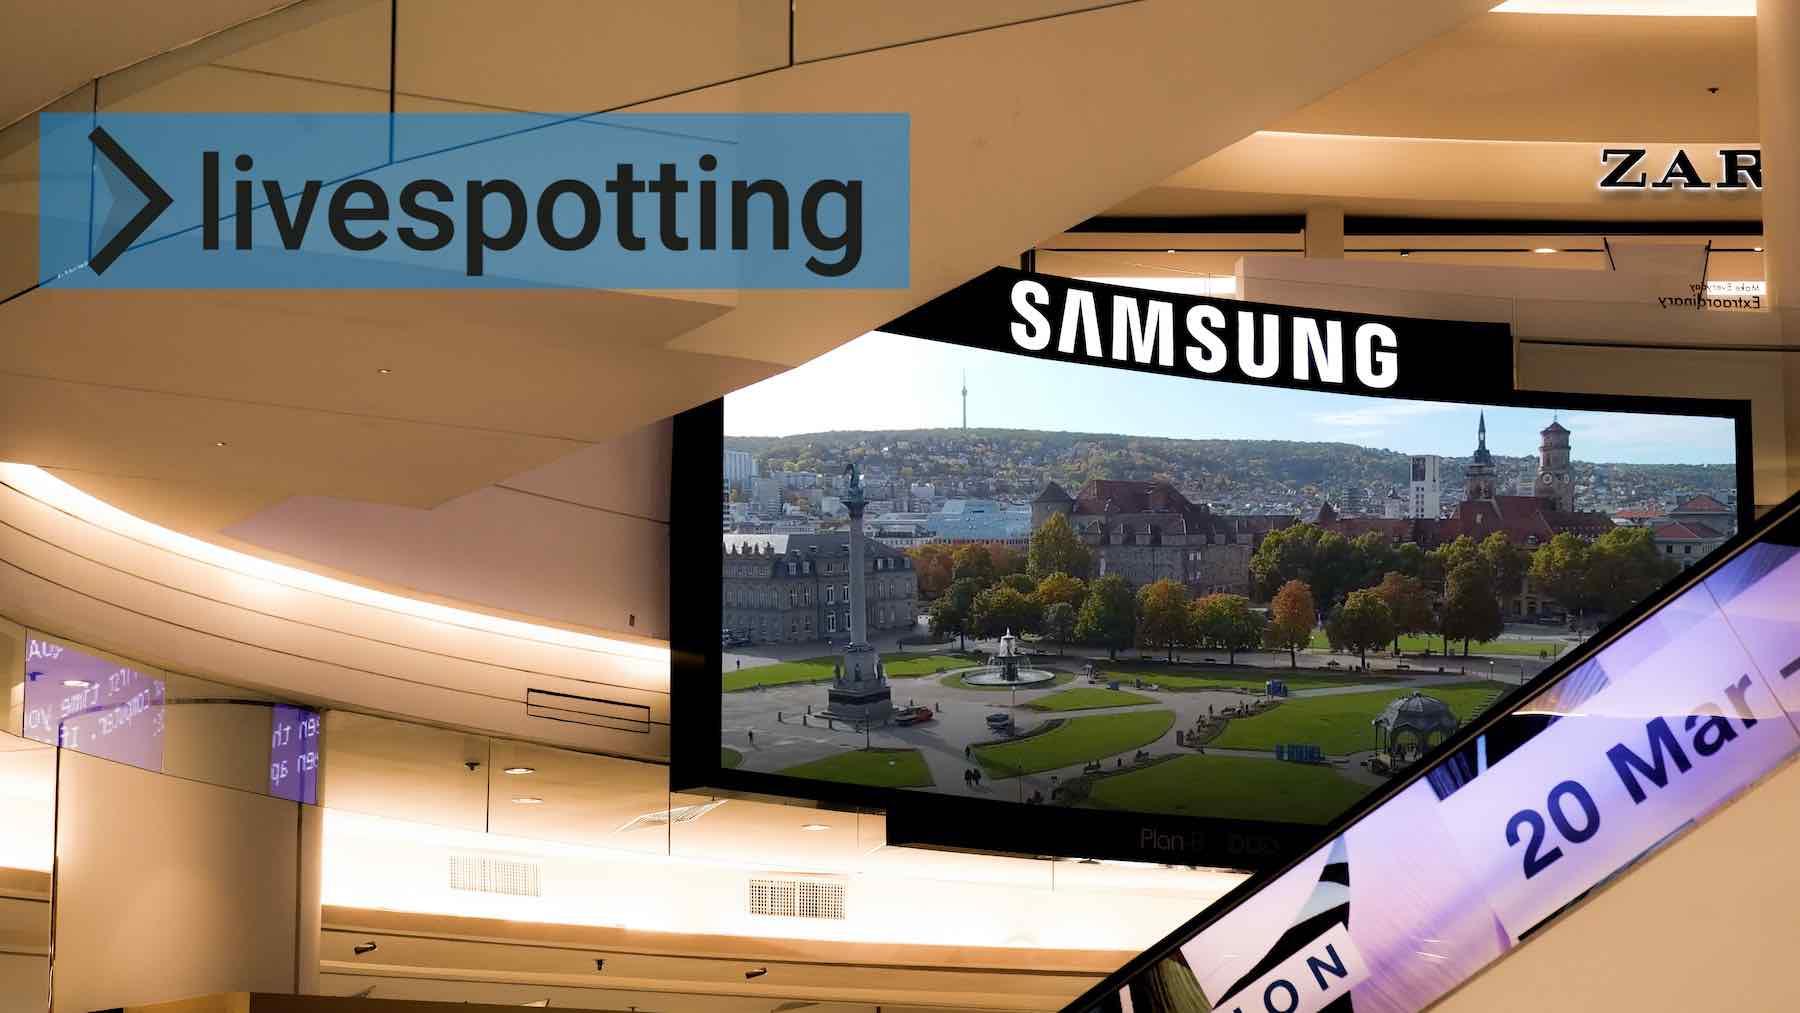 Livestream auf einem großen Fernsehgerät in einem Einkaufszentrum.